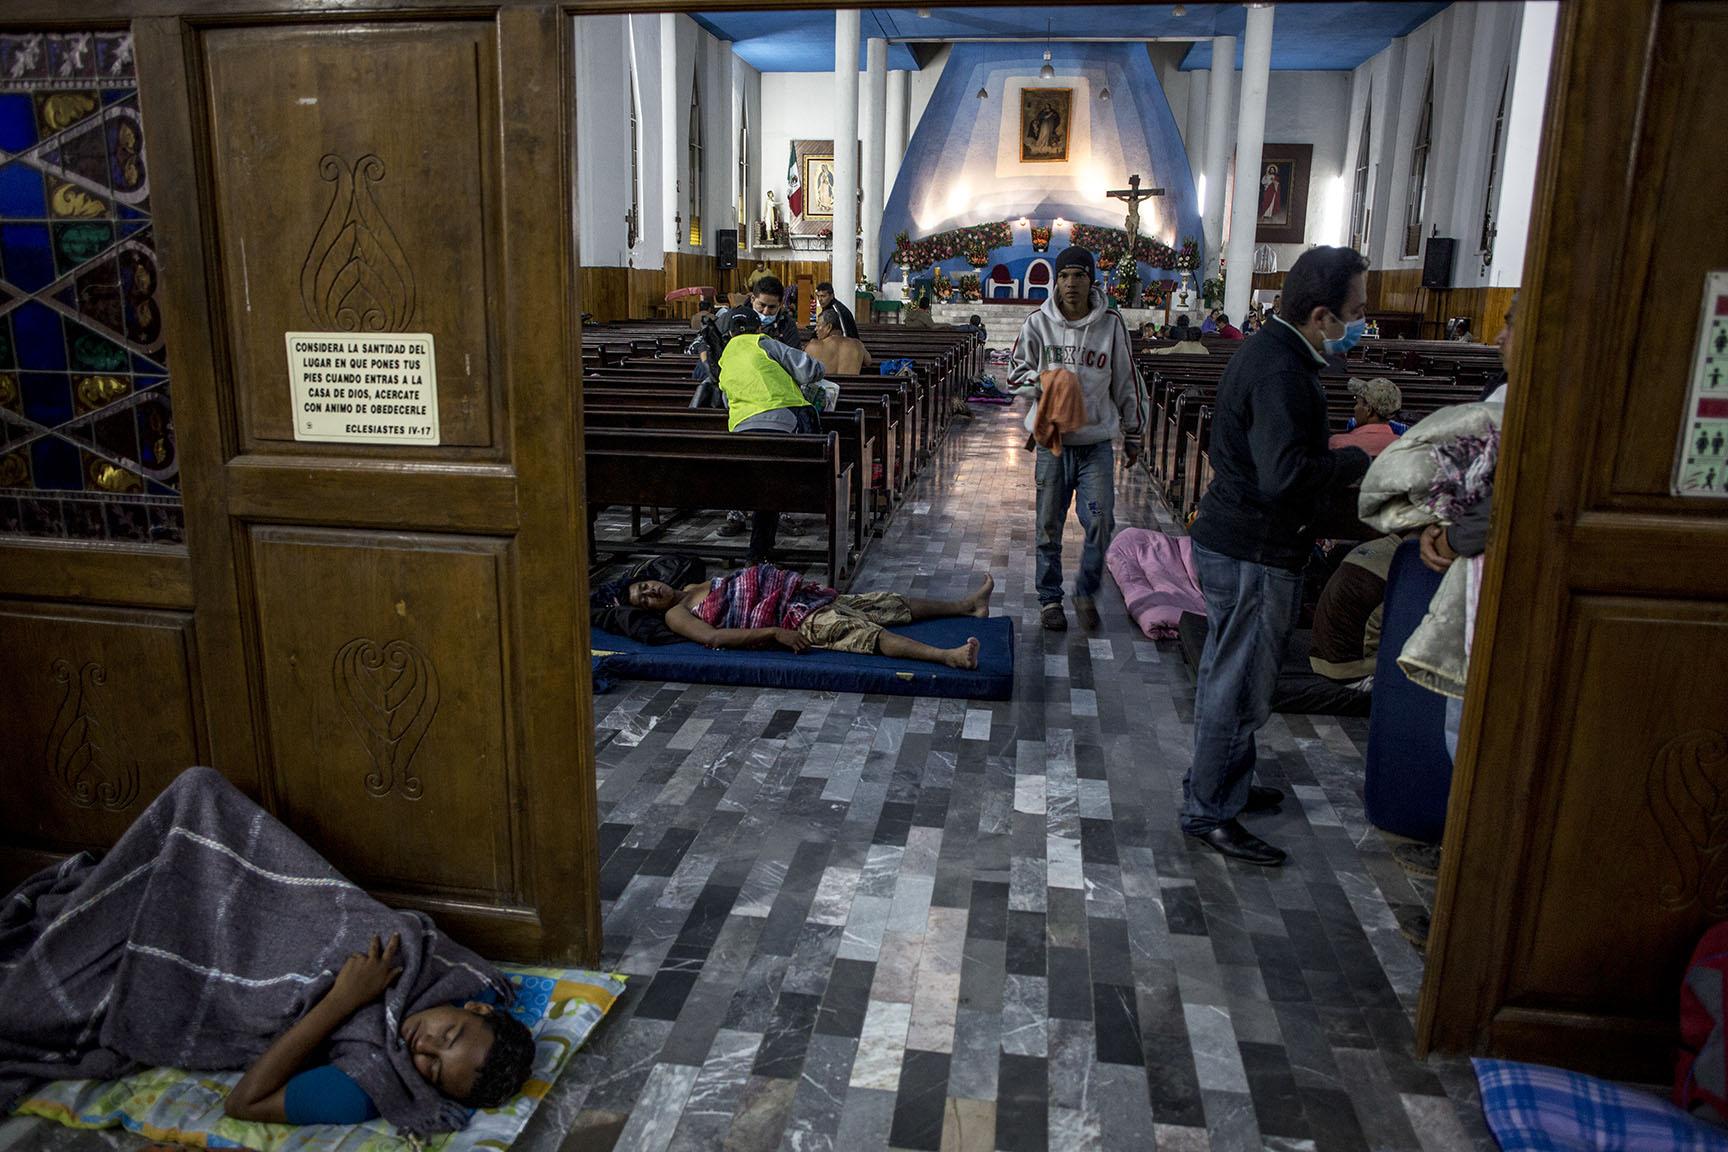 Los primeros migrantes llegados al albergue toman lugar en la iglesia de Nuestra Señora de la Asunción, en Puebla / Simone Dalmasso